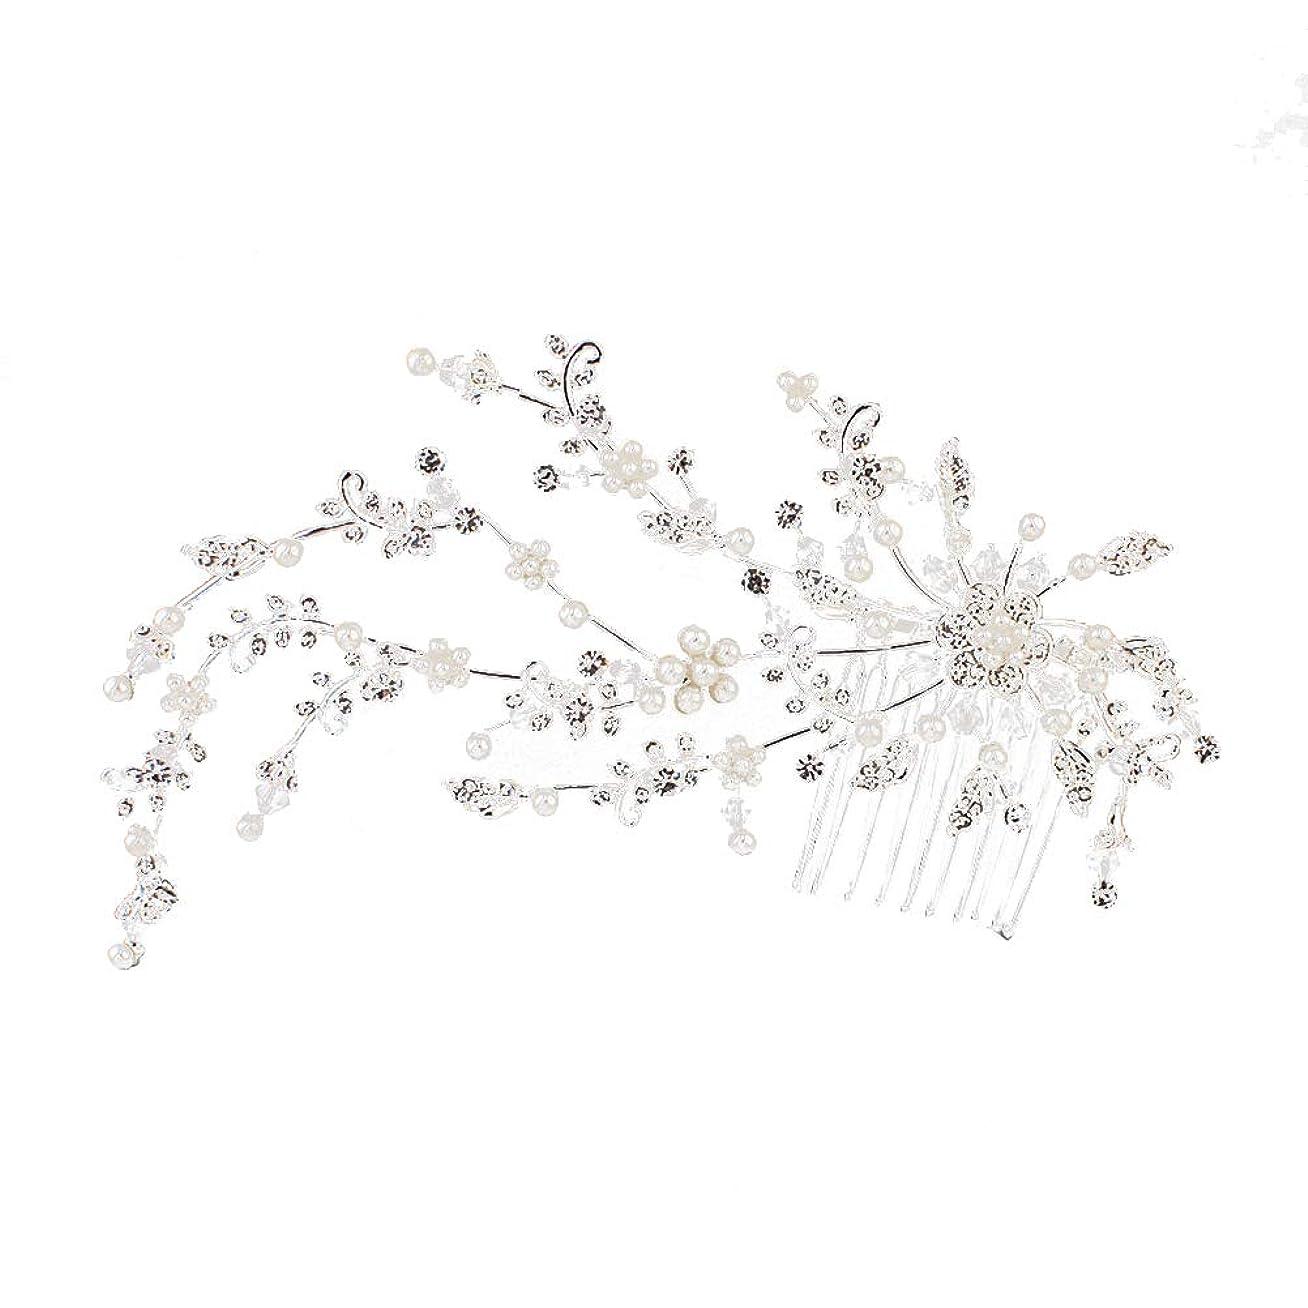 受け皿しないビザLURROSE クリスタルラインストーンヘアコームのかかった真珠ビーズダイヤモンドヘアピース合金の花のヘッドドレス手作りティアラウェディングブライダルヘアアクセサリーヘアピン用女性装飾ギフト